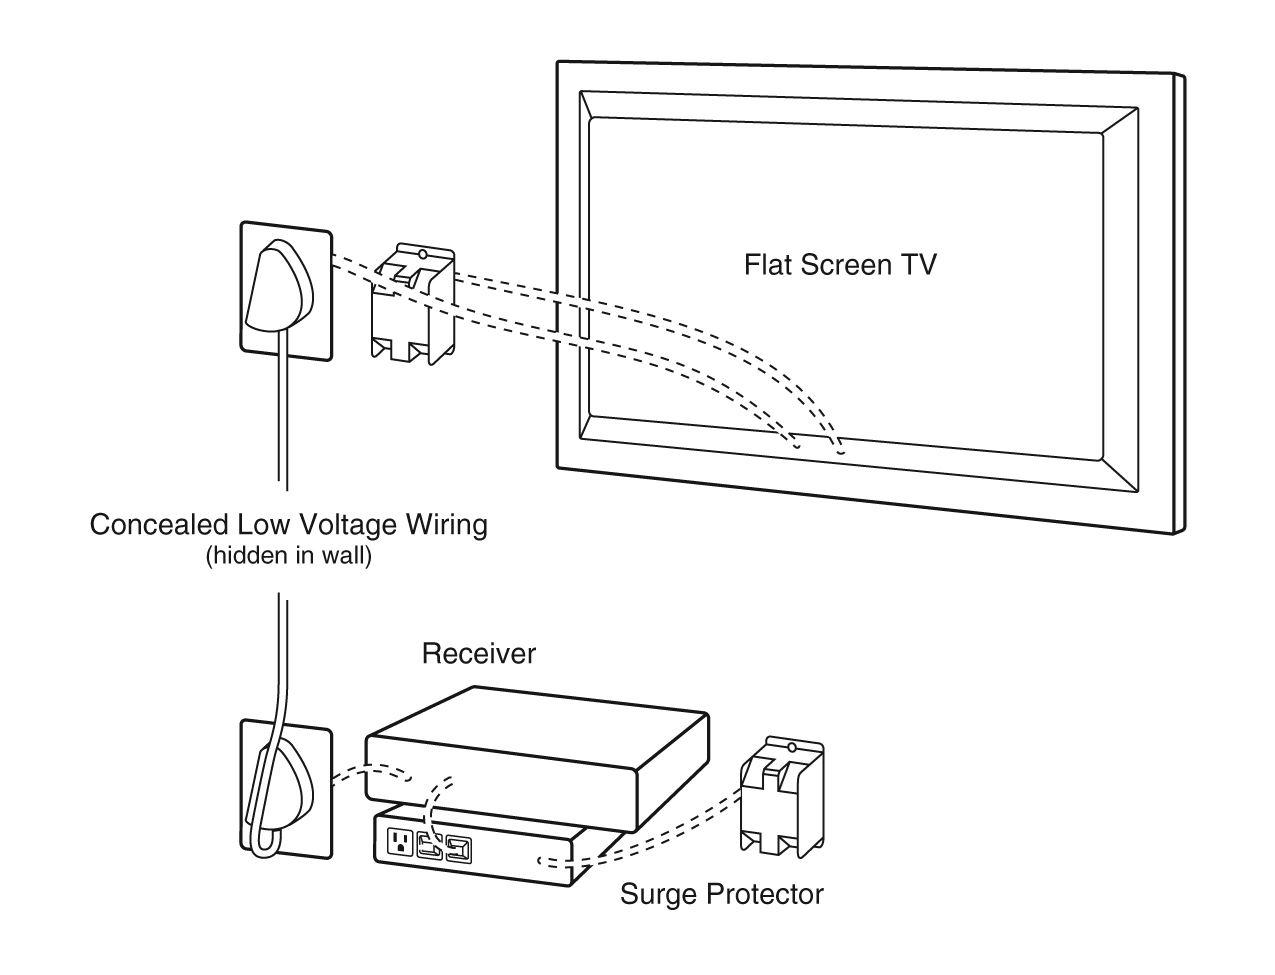 ethernet cable wiring diagram gigabit ethernet gigabit ethernet wiring diagram ultima wire plus module wiring on ethernet cable wiring diagram gigabit